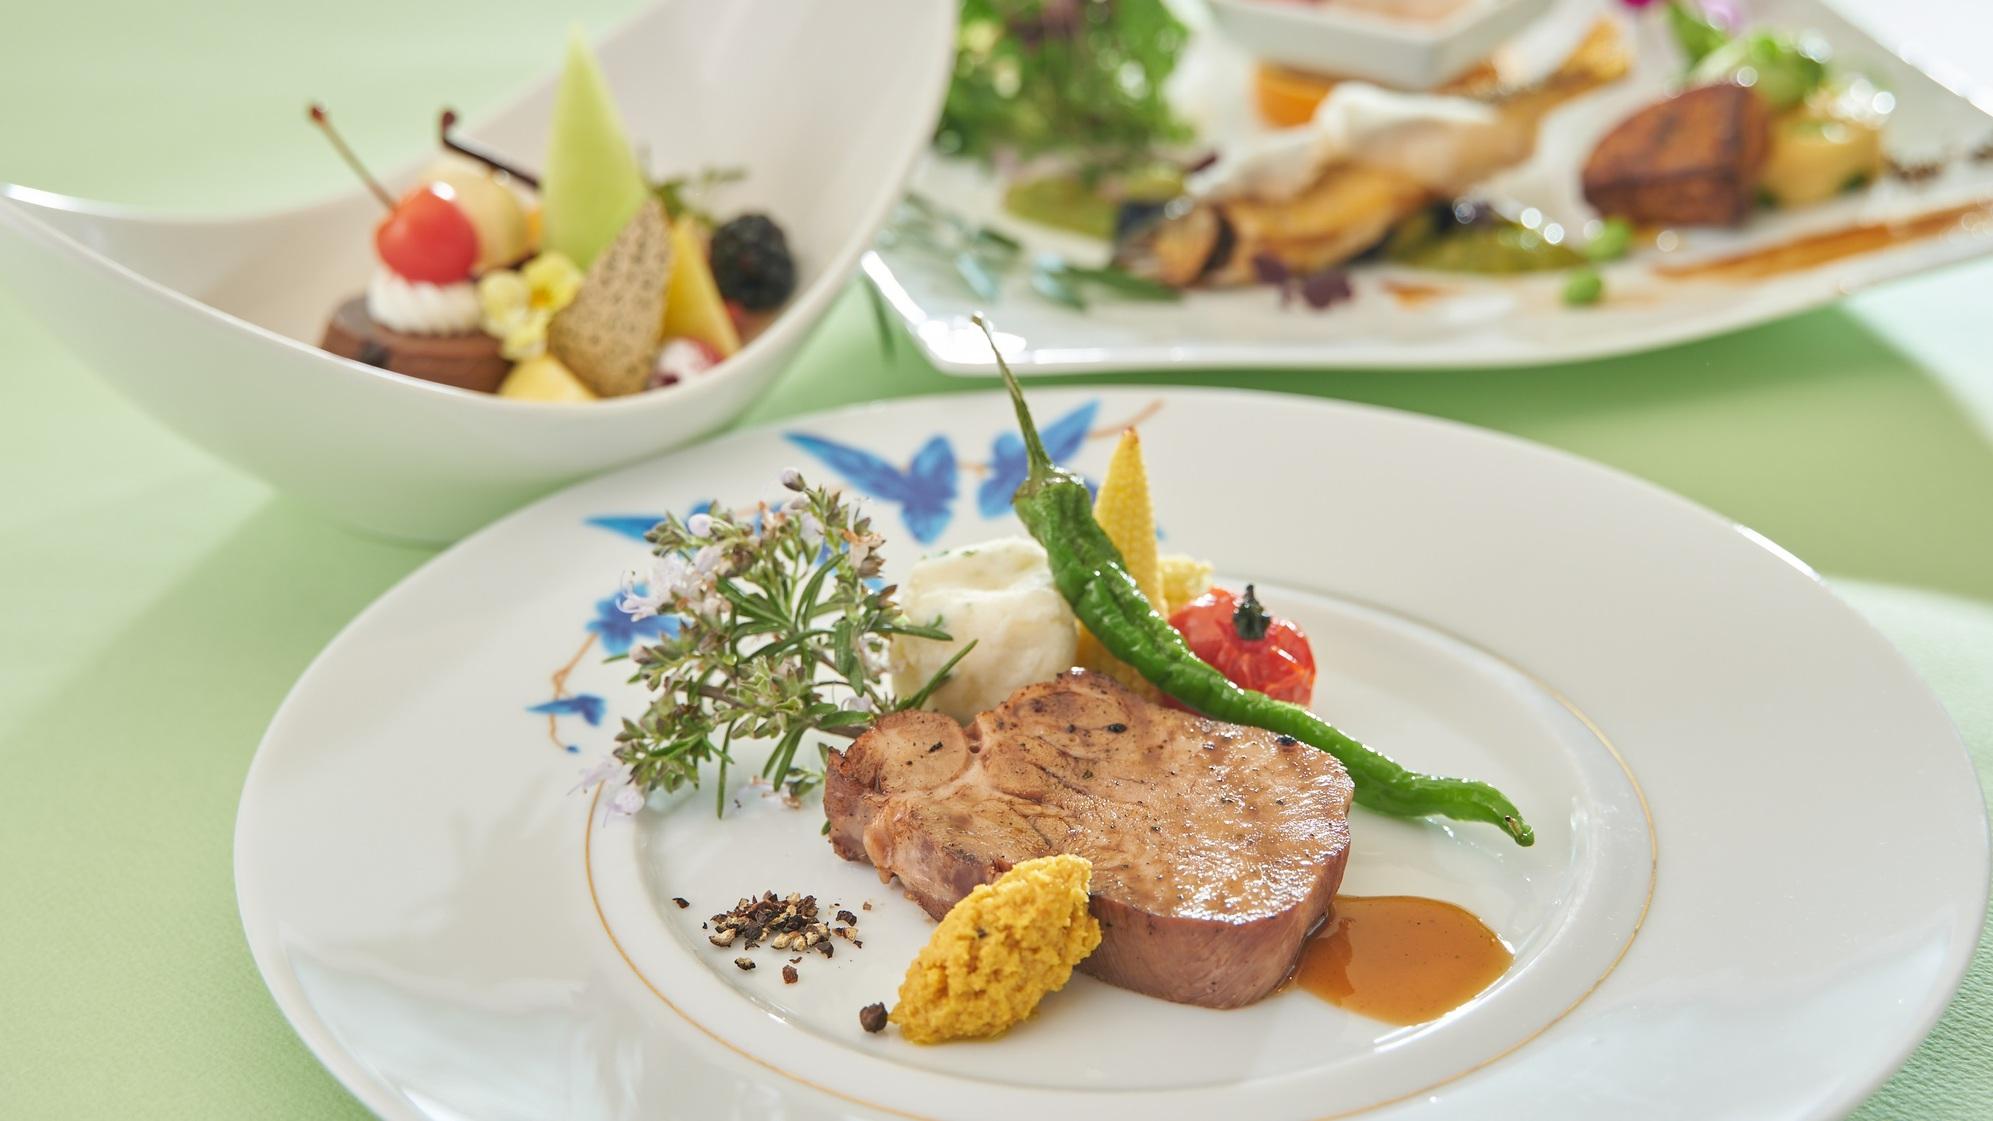 【ポイント10倍】【スペシャルディナー】至福のひととき『シェフスペシャルプラン』夕食・朝食付き